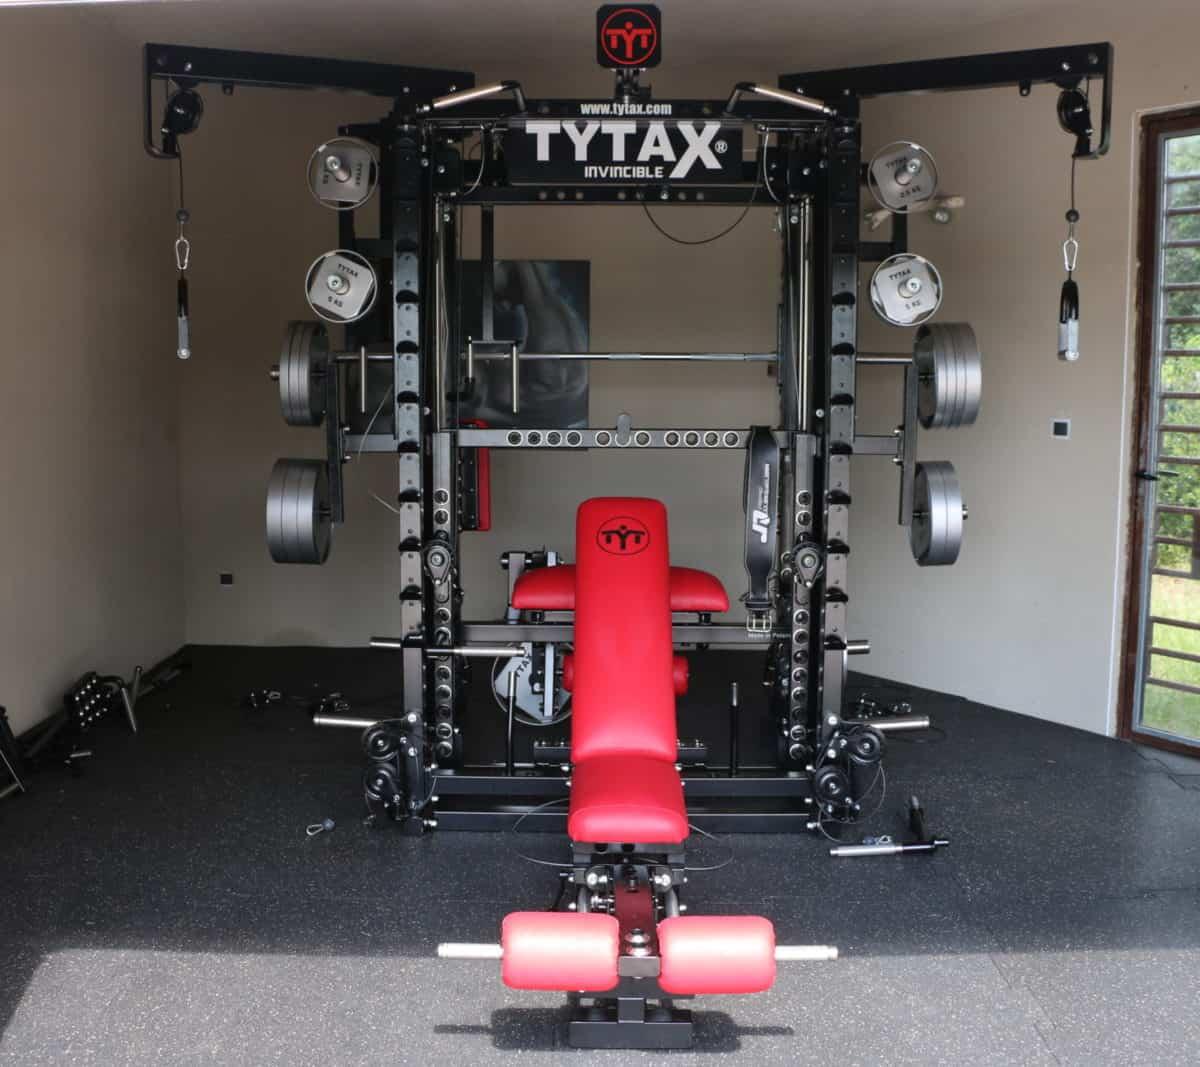 tytax t1x